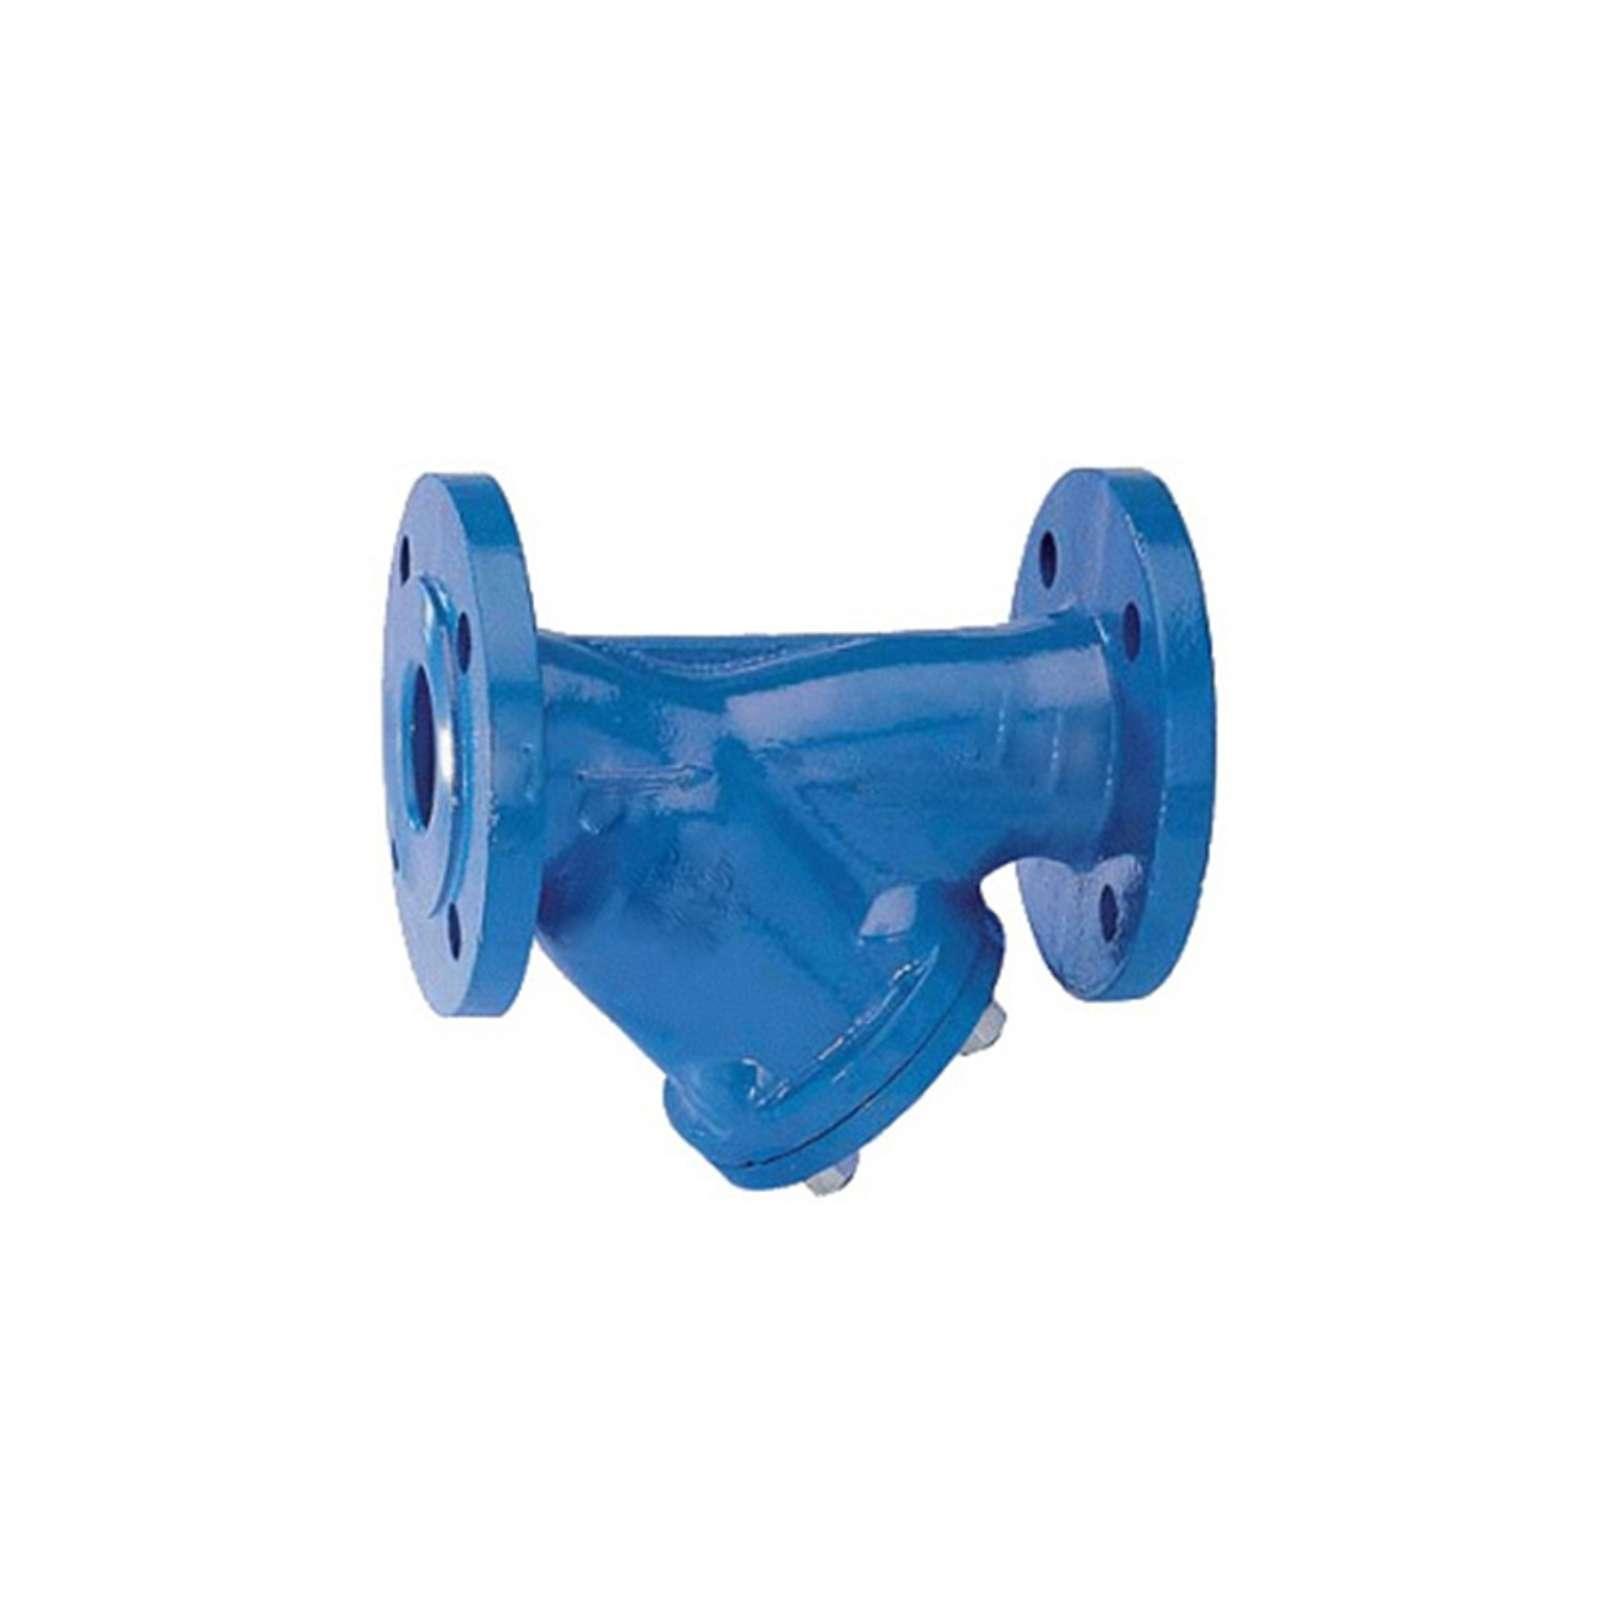 Фильтр чугунный сетчатый фланцевый Ду 125 Ру 16 КНР